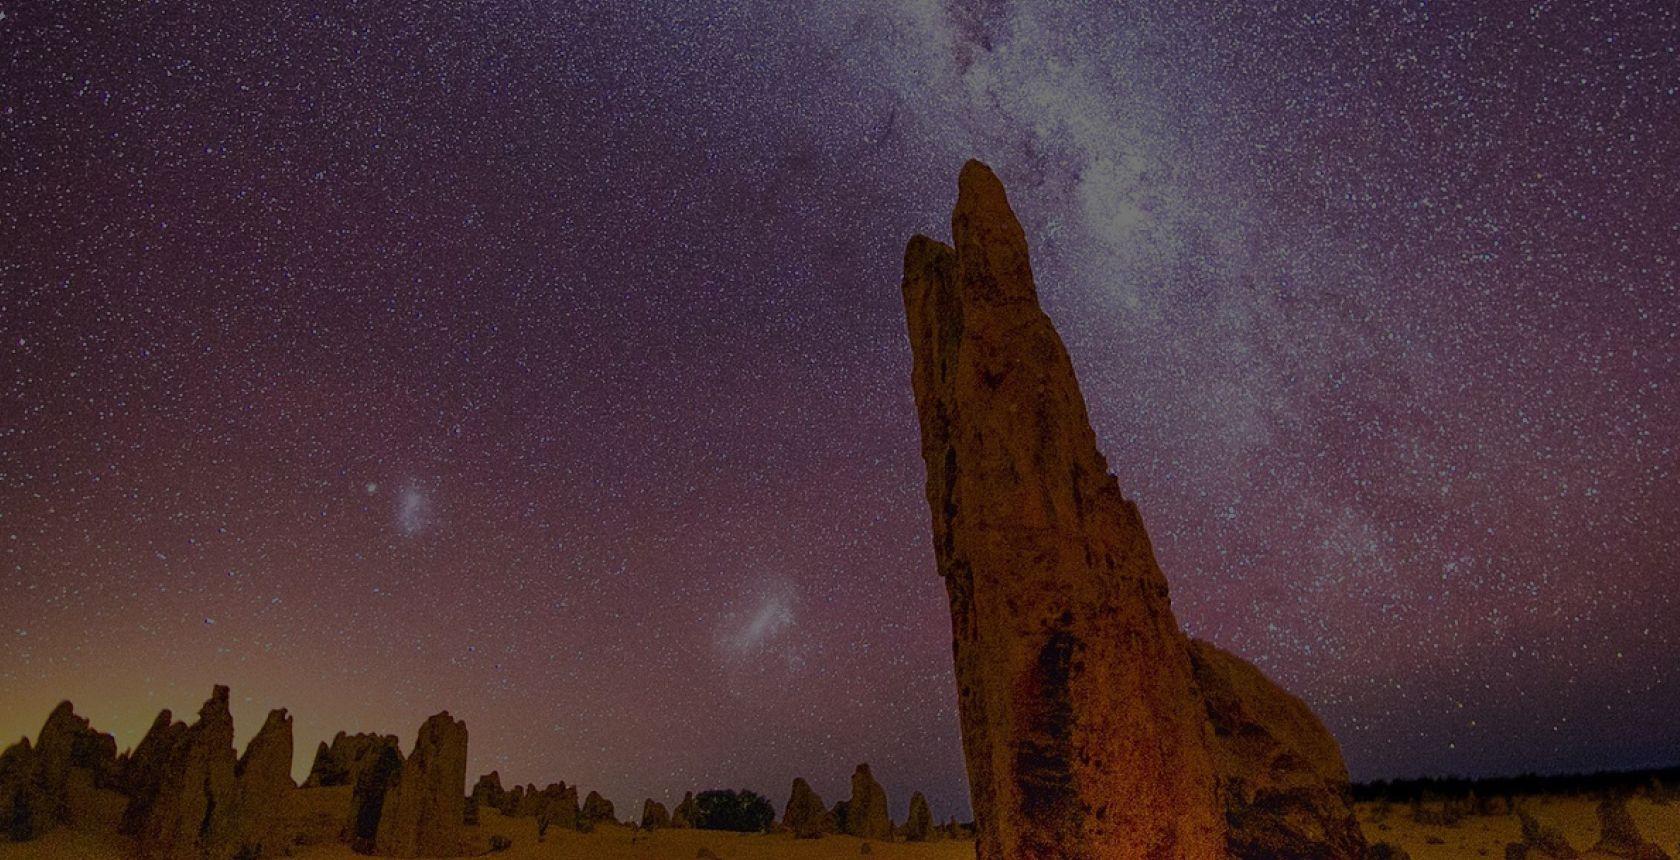 한인가이드 피나클 사막 선셋 별빛 투어